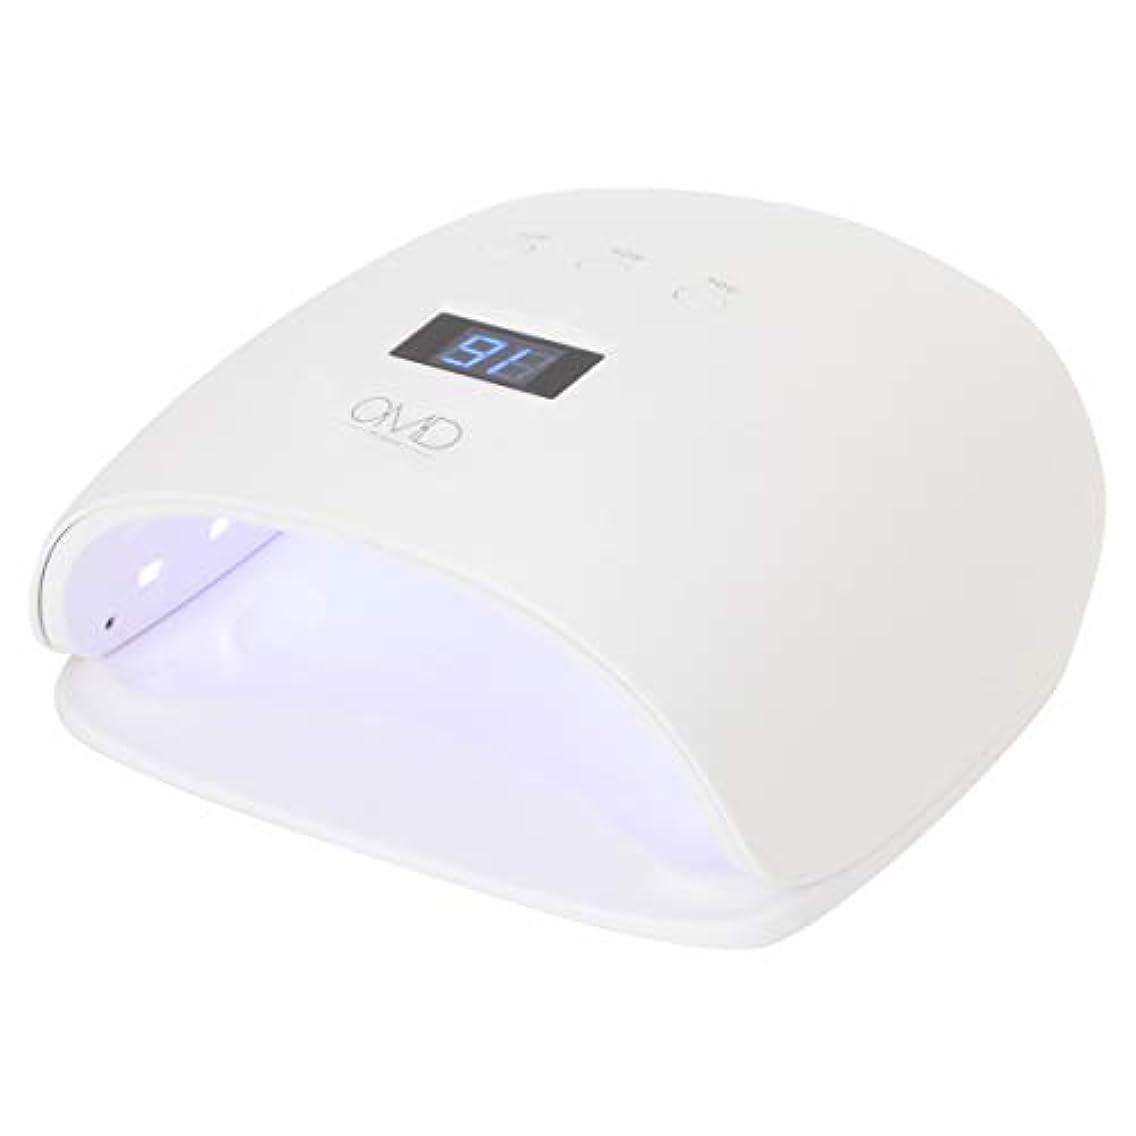 ラバ上昇ゲインセイ<OMD> DX UV/LEDライト-D02 [ ネイルライト ネイルランプ LEDライト LEDランプ UVライト UVランプ ジェルネイル ネイルドライヤー LED UV ネイル ライト ランプ ]